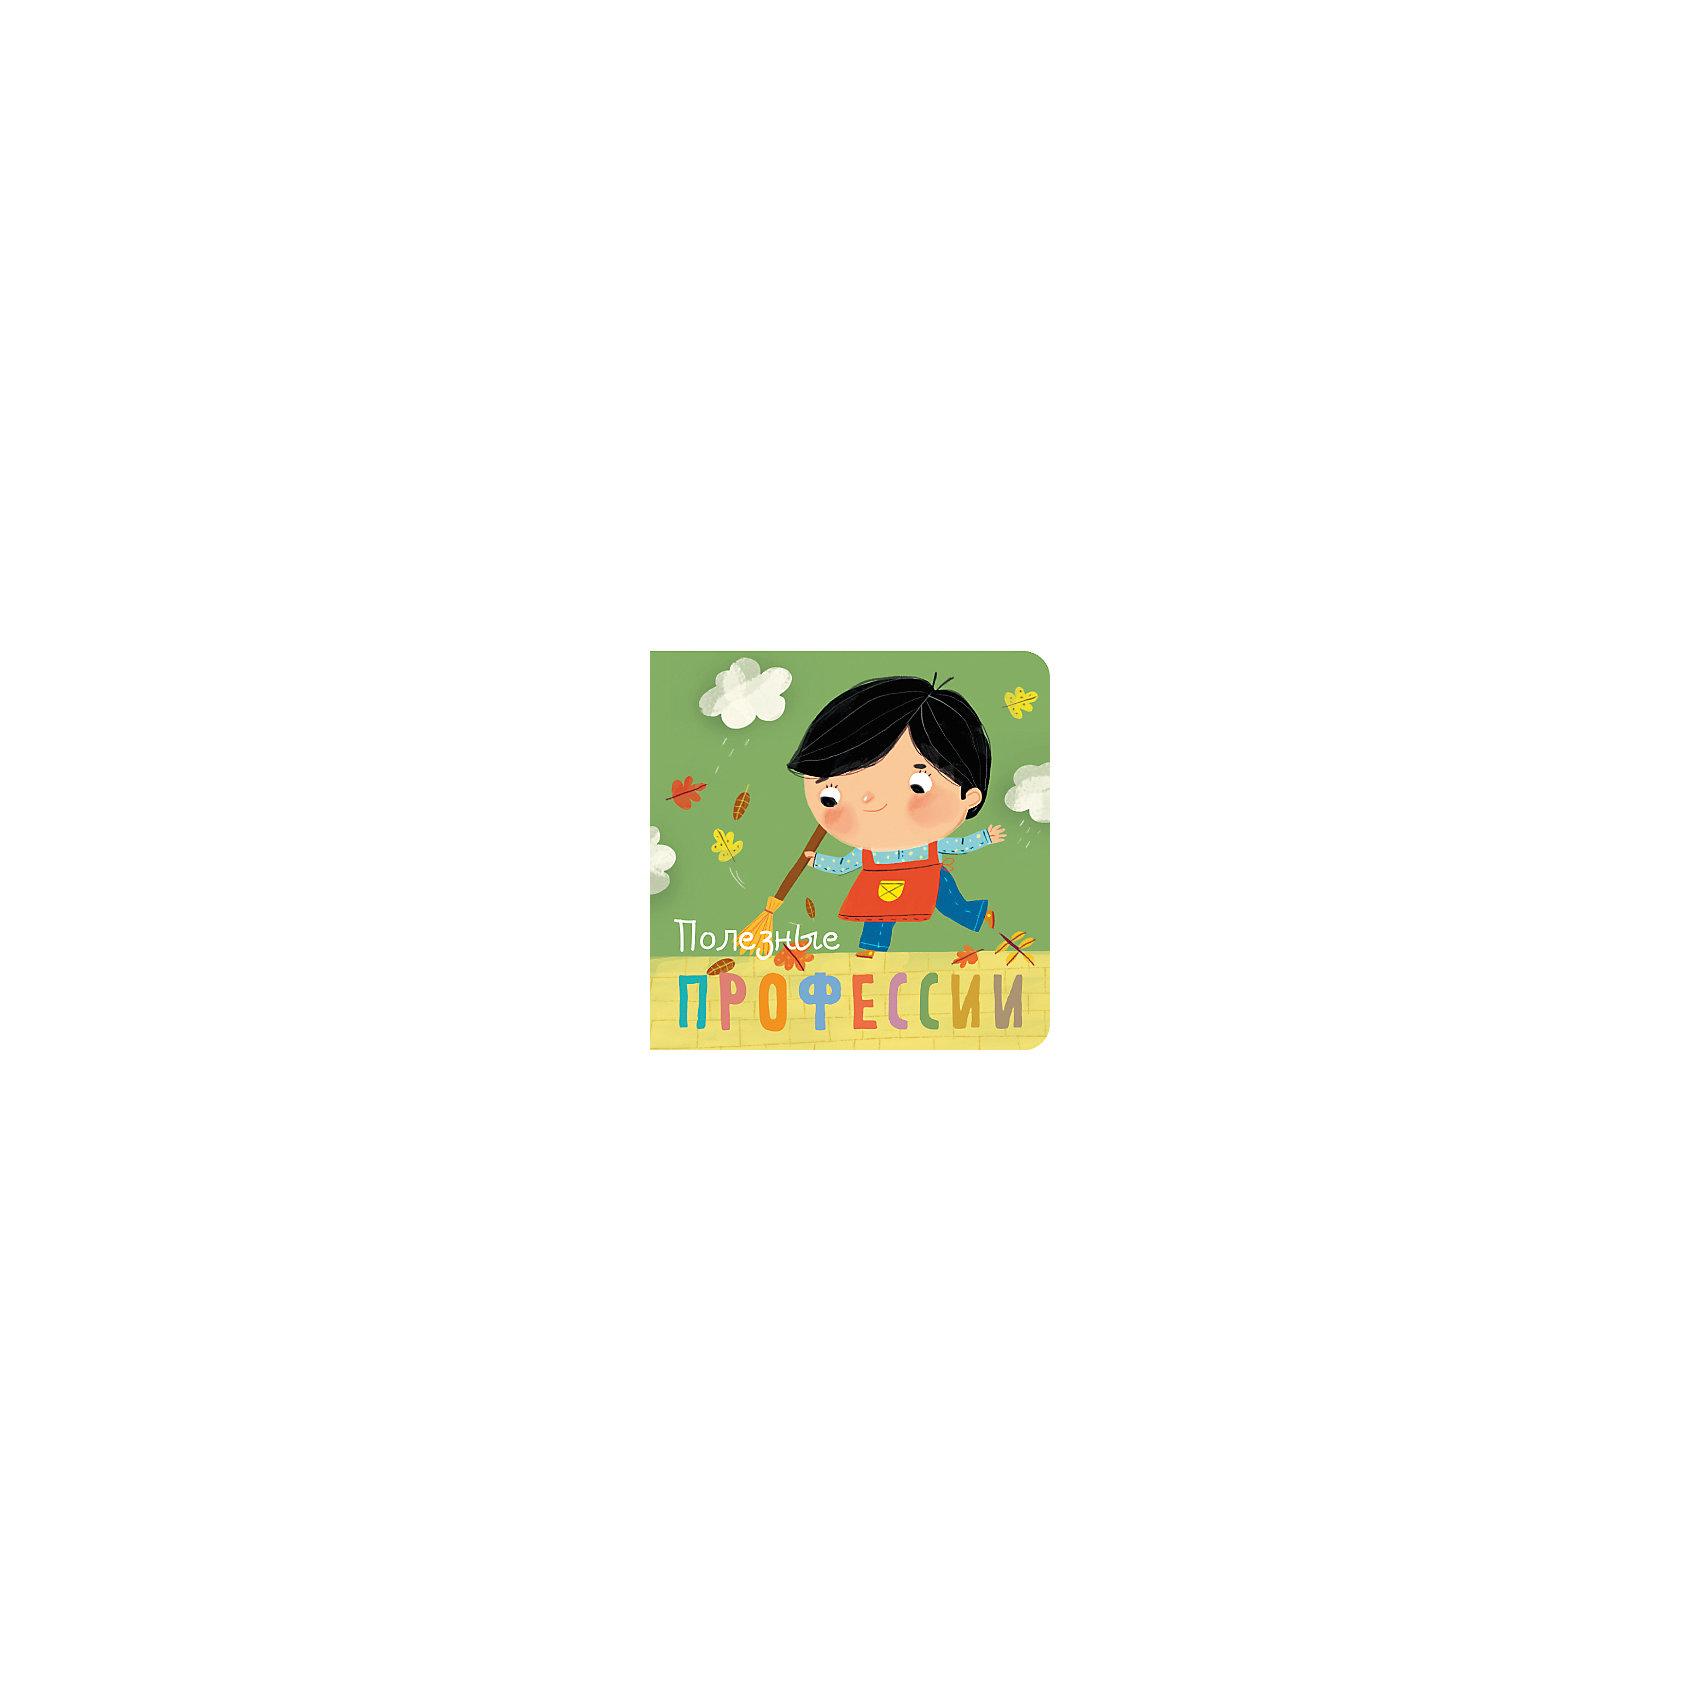 Книжка Профессии. Полезные профессииПервые книги малыша<br>Книжка Профессии. Полезные профессии.<br><br>Характеристики:<br><br>• Автор: Ольга Мозалева<br>• Художник: А. Сарвира<br>• Издательство: Мозаика-Синтез<br>• Серия: Профессии<br>• Тип обложки: картонная обложка<br>• Иллюстрации: цветные<br>• Количество страниц: 10 (картон)<br>• Размер: 100х100х16 мм.<br>• ISBN: 9785431510335<br><br>Яркая миниатюрная книжка познакомит малыша десятью полезными профессиями. Он встретит на страницах строителя, повара, фермера и других. Забавные иллюстрации и веселые двустишия обязательно понравятся ребенку и помогут легко усвоить новые знания. Книжка, созданная специально для детских ручек, изготовлена из плотного картона и будет долго радовать маленького читателя.<br><br>Книжку Профессии. Полезные профессии можно купить в нашем интернет-магазине.<br><br>Ширина мм: 170<br>Глубина мм: 100<br>Высота мм: 100<br>Вес г: 103<br>Возраст от месяцев: 24<br>Возраст до месяцев: 60<br>Пол: Унисекс<br>Возраст: Детский<br>SKU: 5489596